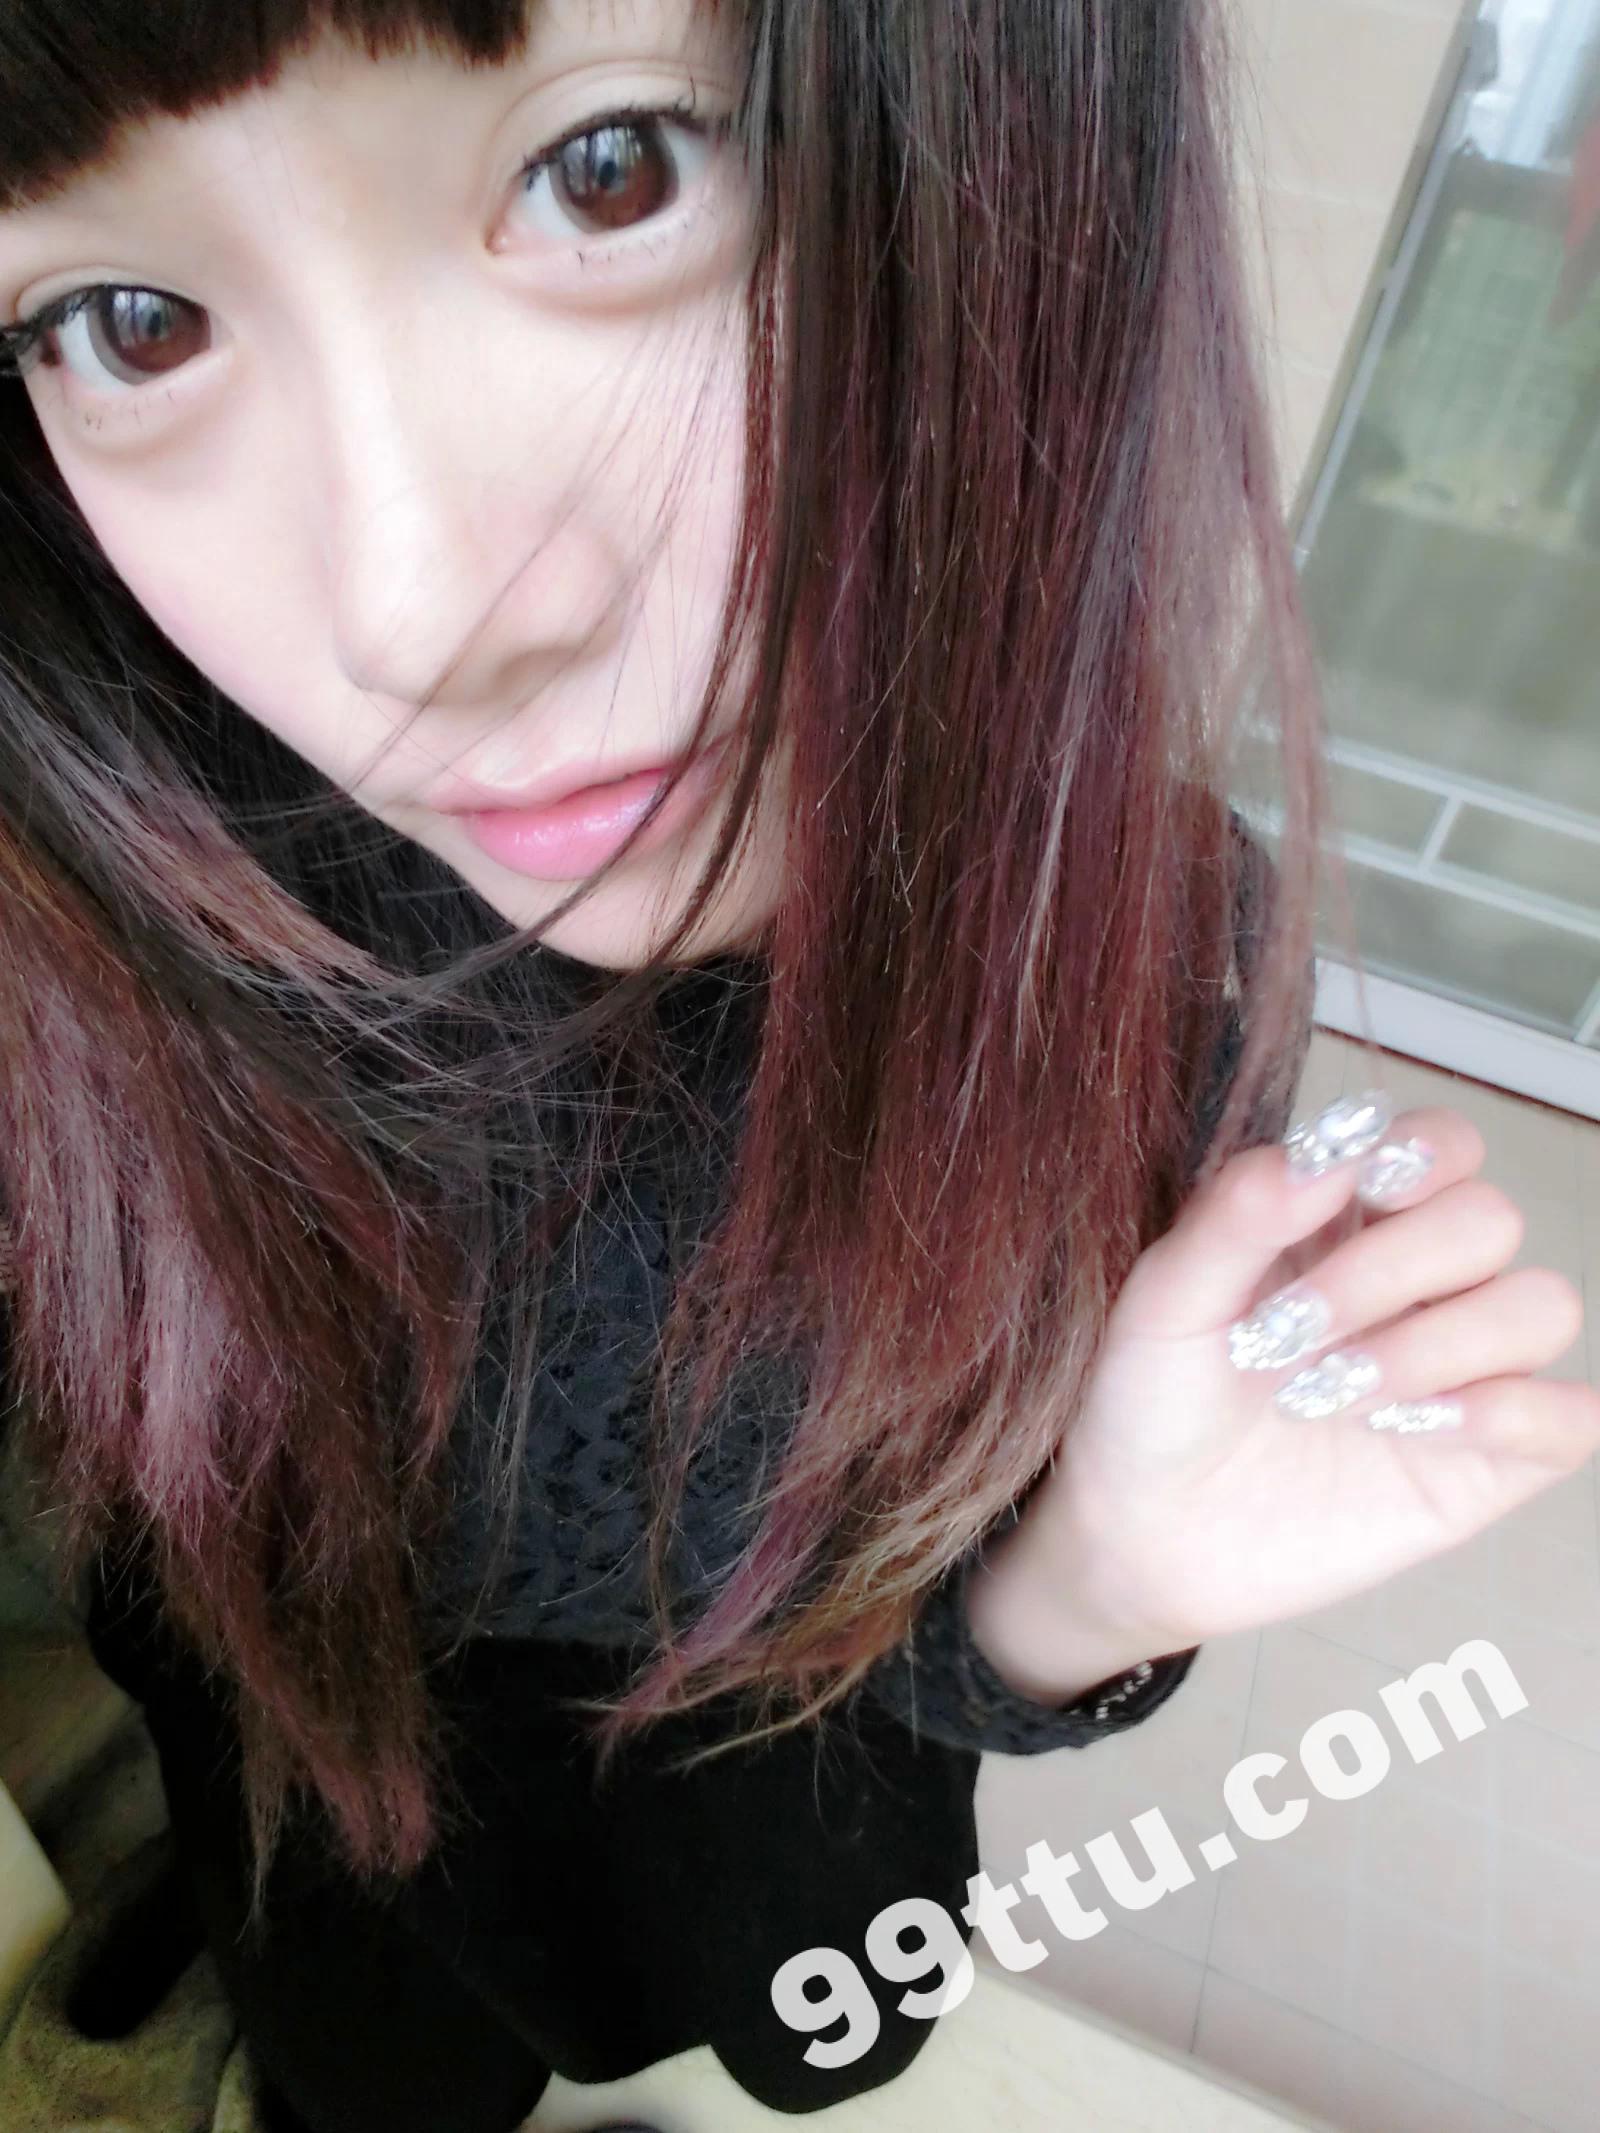 KK68_1464图+6个视频 青春可爱美女无水印高清生活照-4